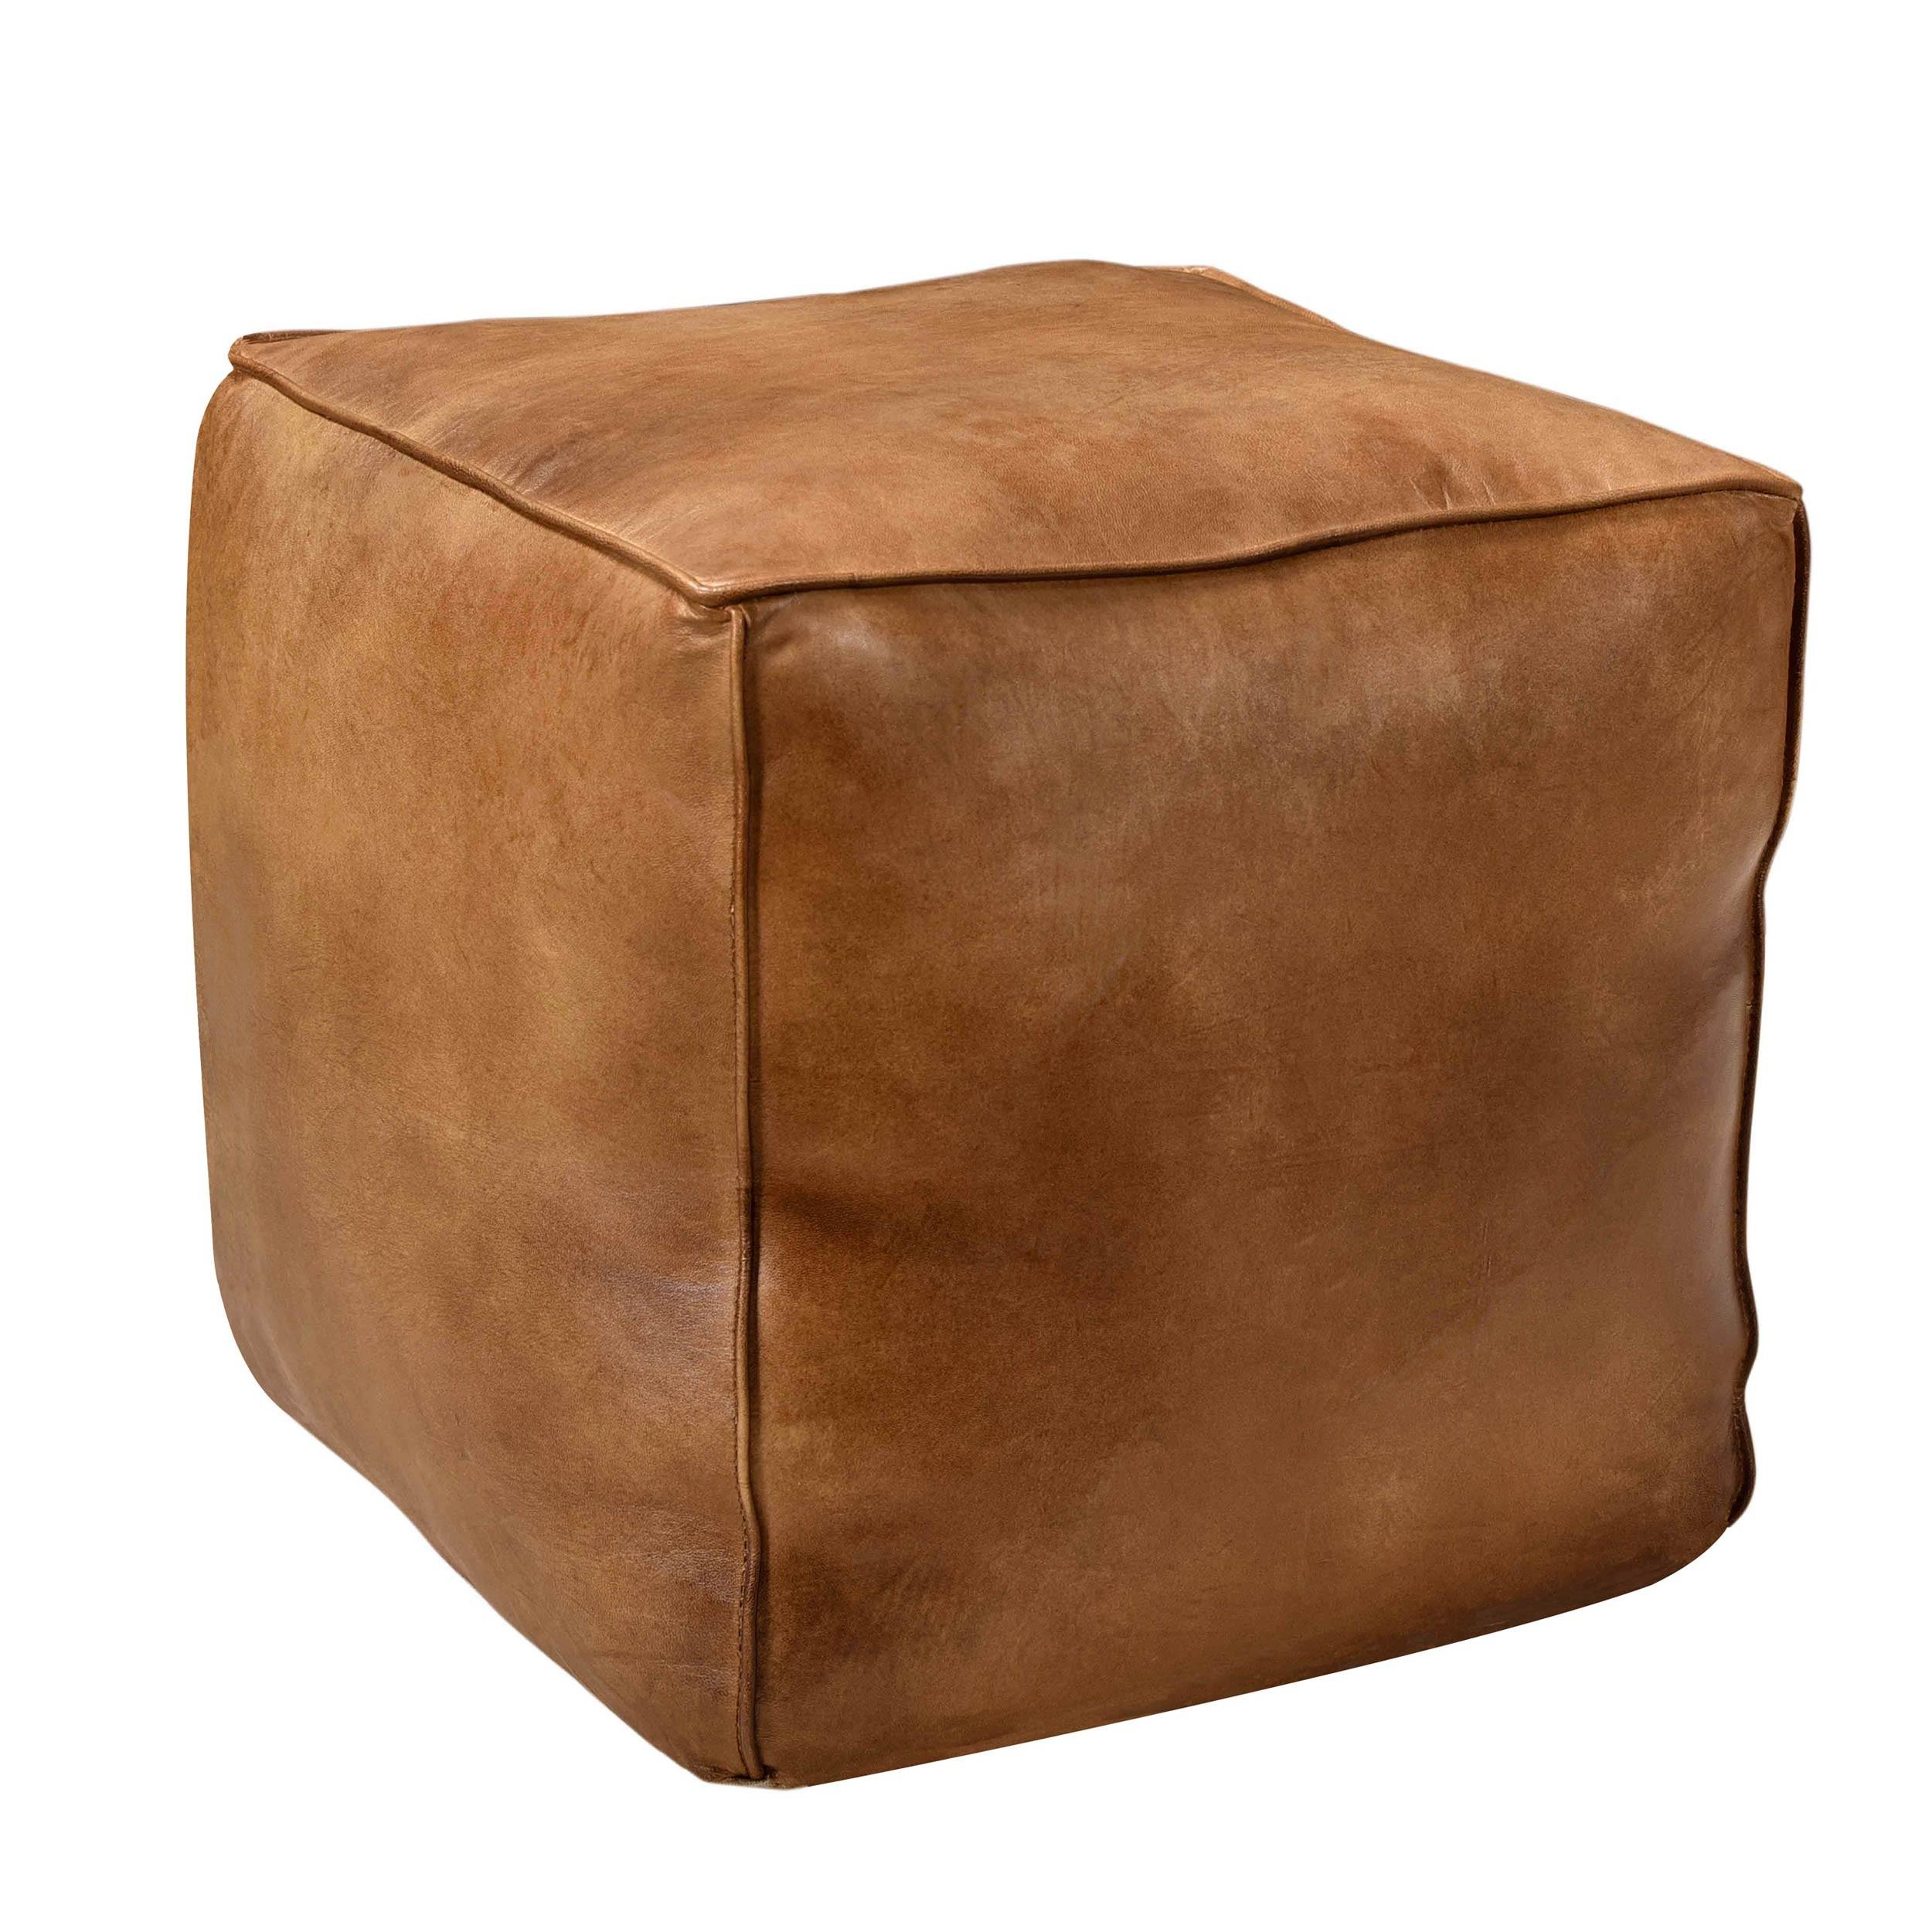 pouf en cuir arrah marron achetez les poufs en cuir arrah marron design rdv d co. Black Bedroom Furniture Sets. Home Design Ideas